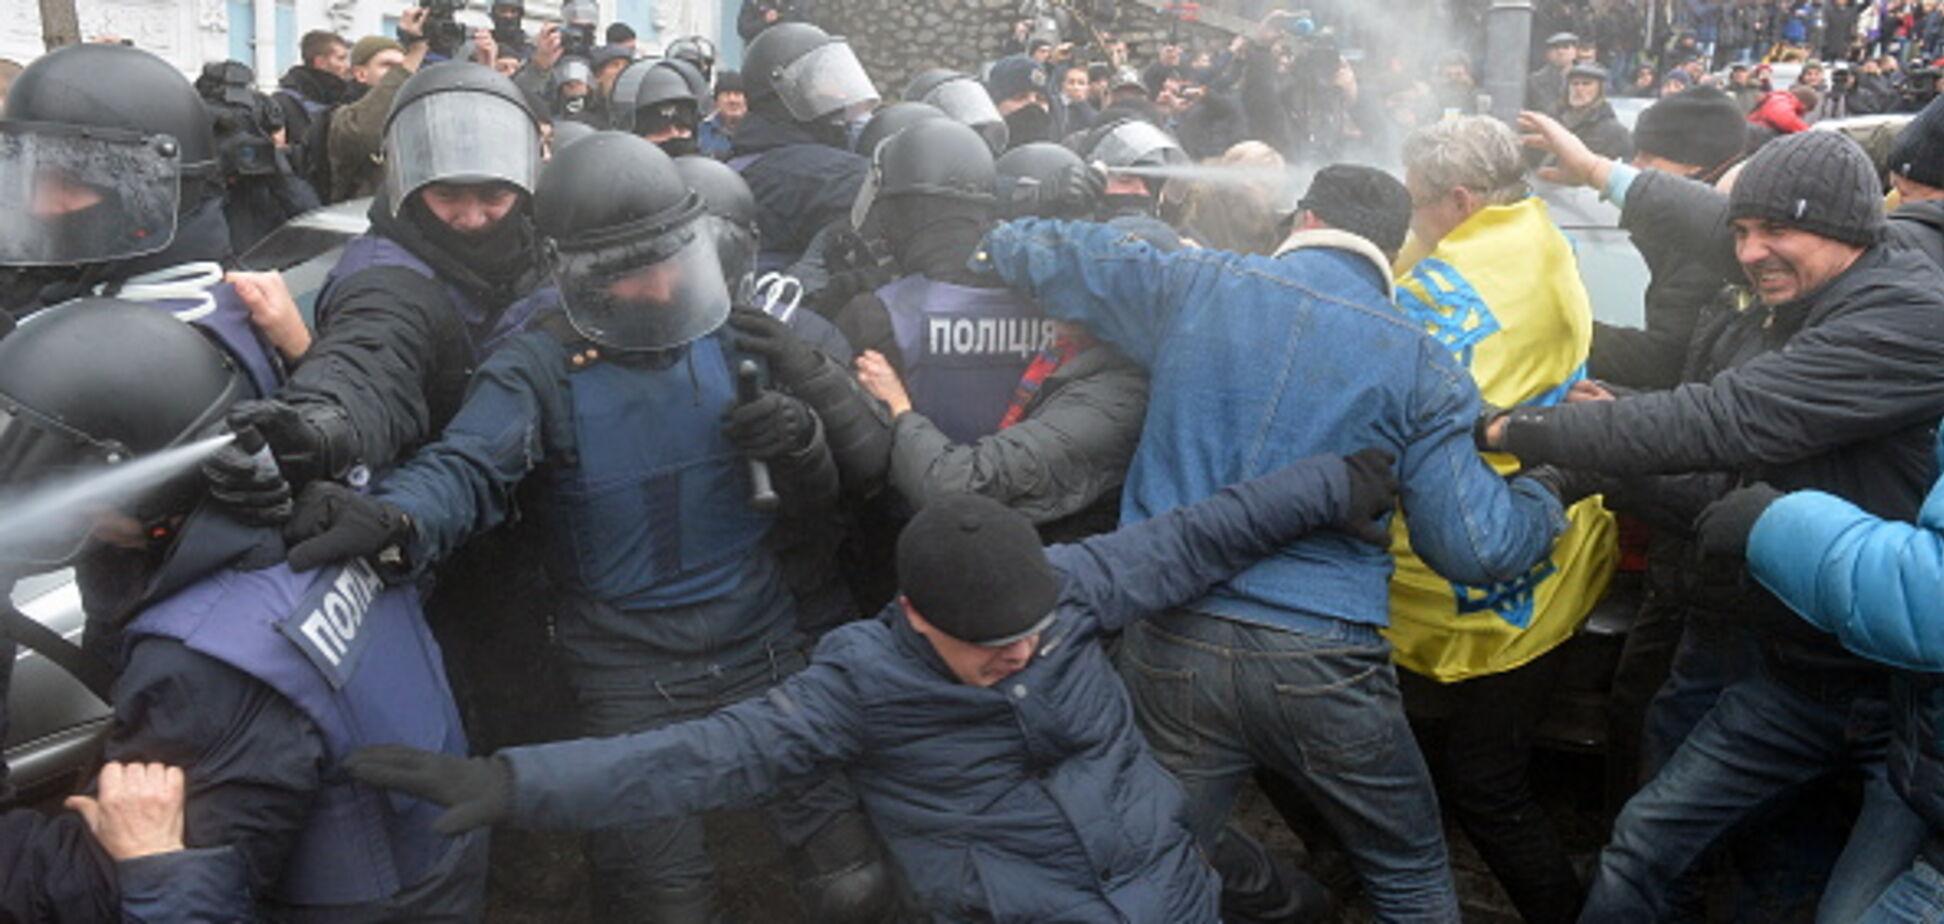 'Звільнення' Саакашвілі: у МВС назвали кількість затриманих